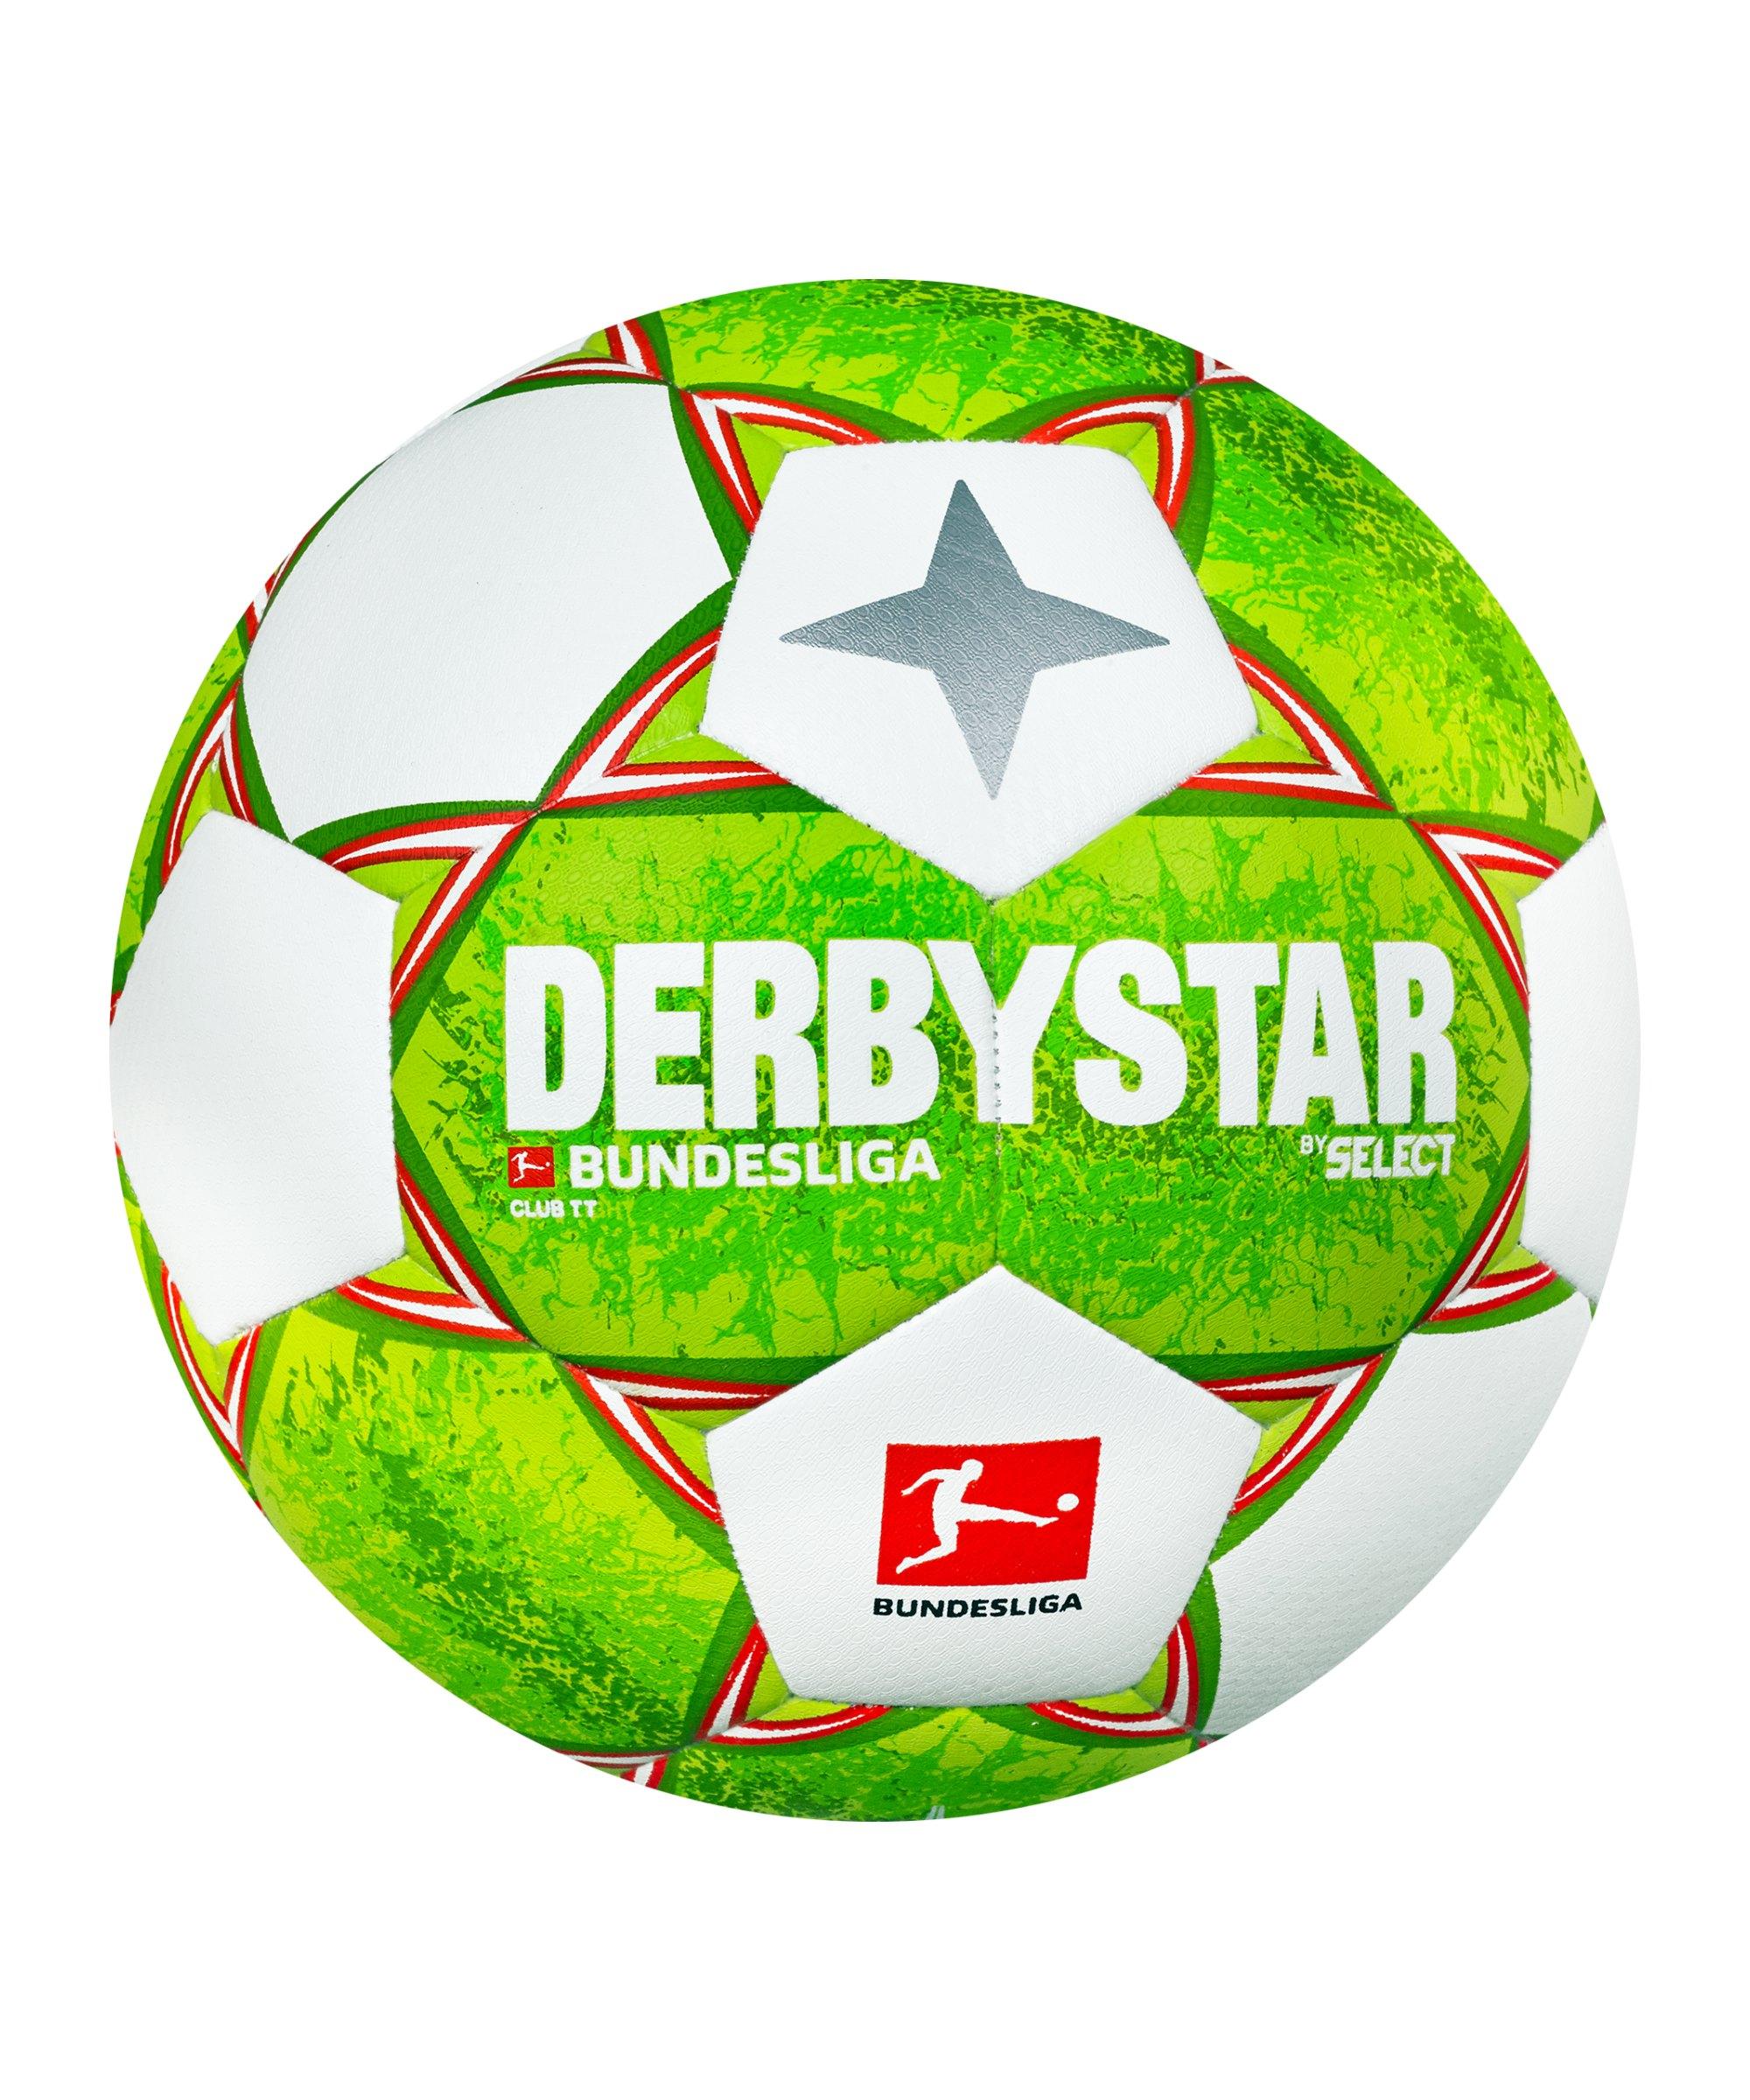 Derbystar Bundesliga Club TT v21 Trainingsball 2021/2022 Grün Orange F021 - gruen